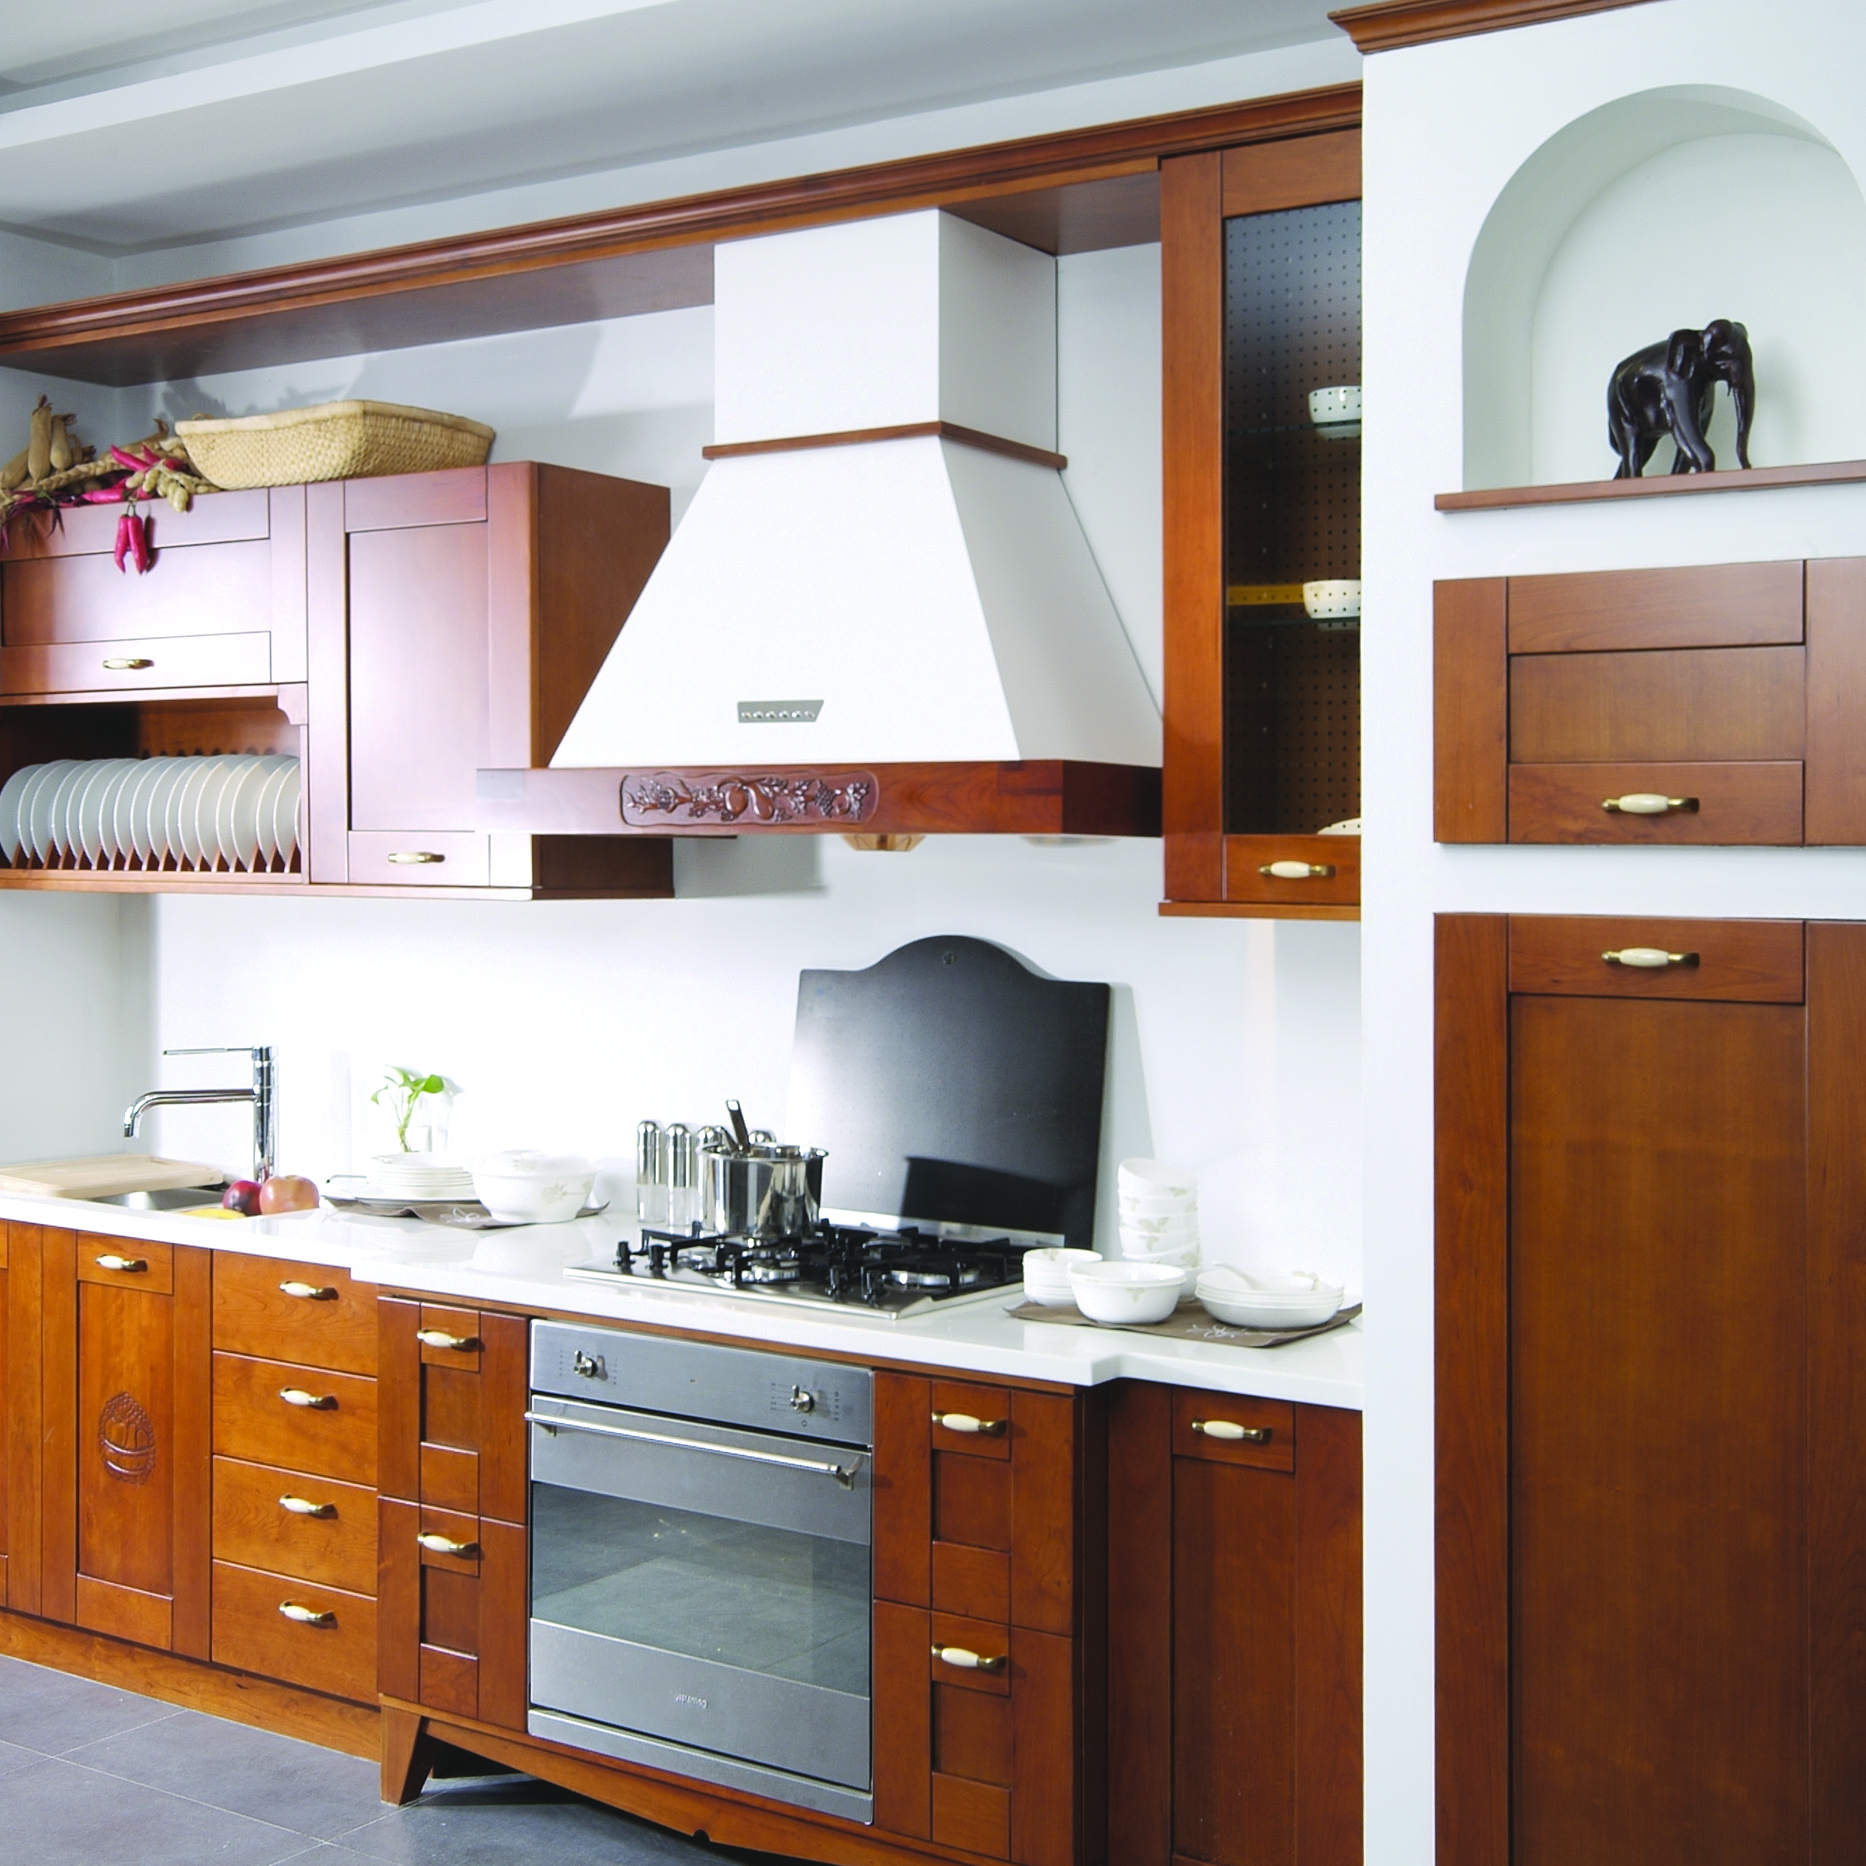 Welbom Modern Kitchen Cabinets Modular Kitchens - Buy High ...